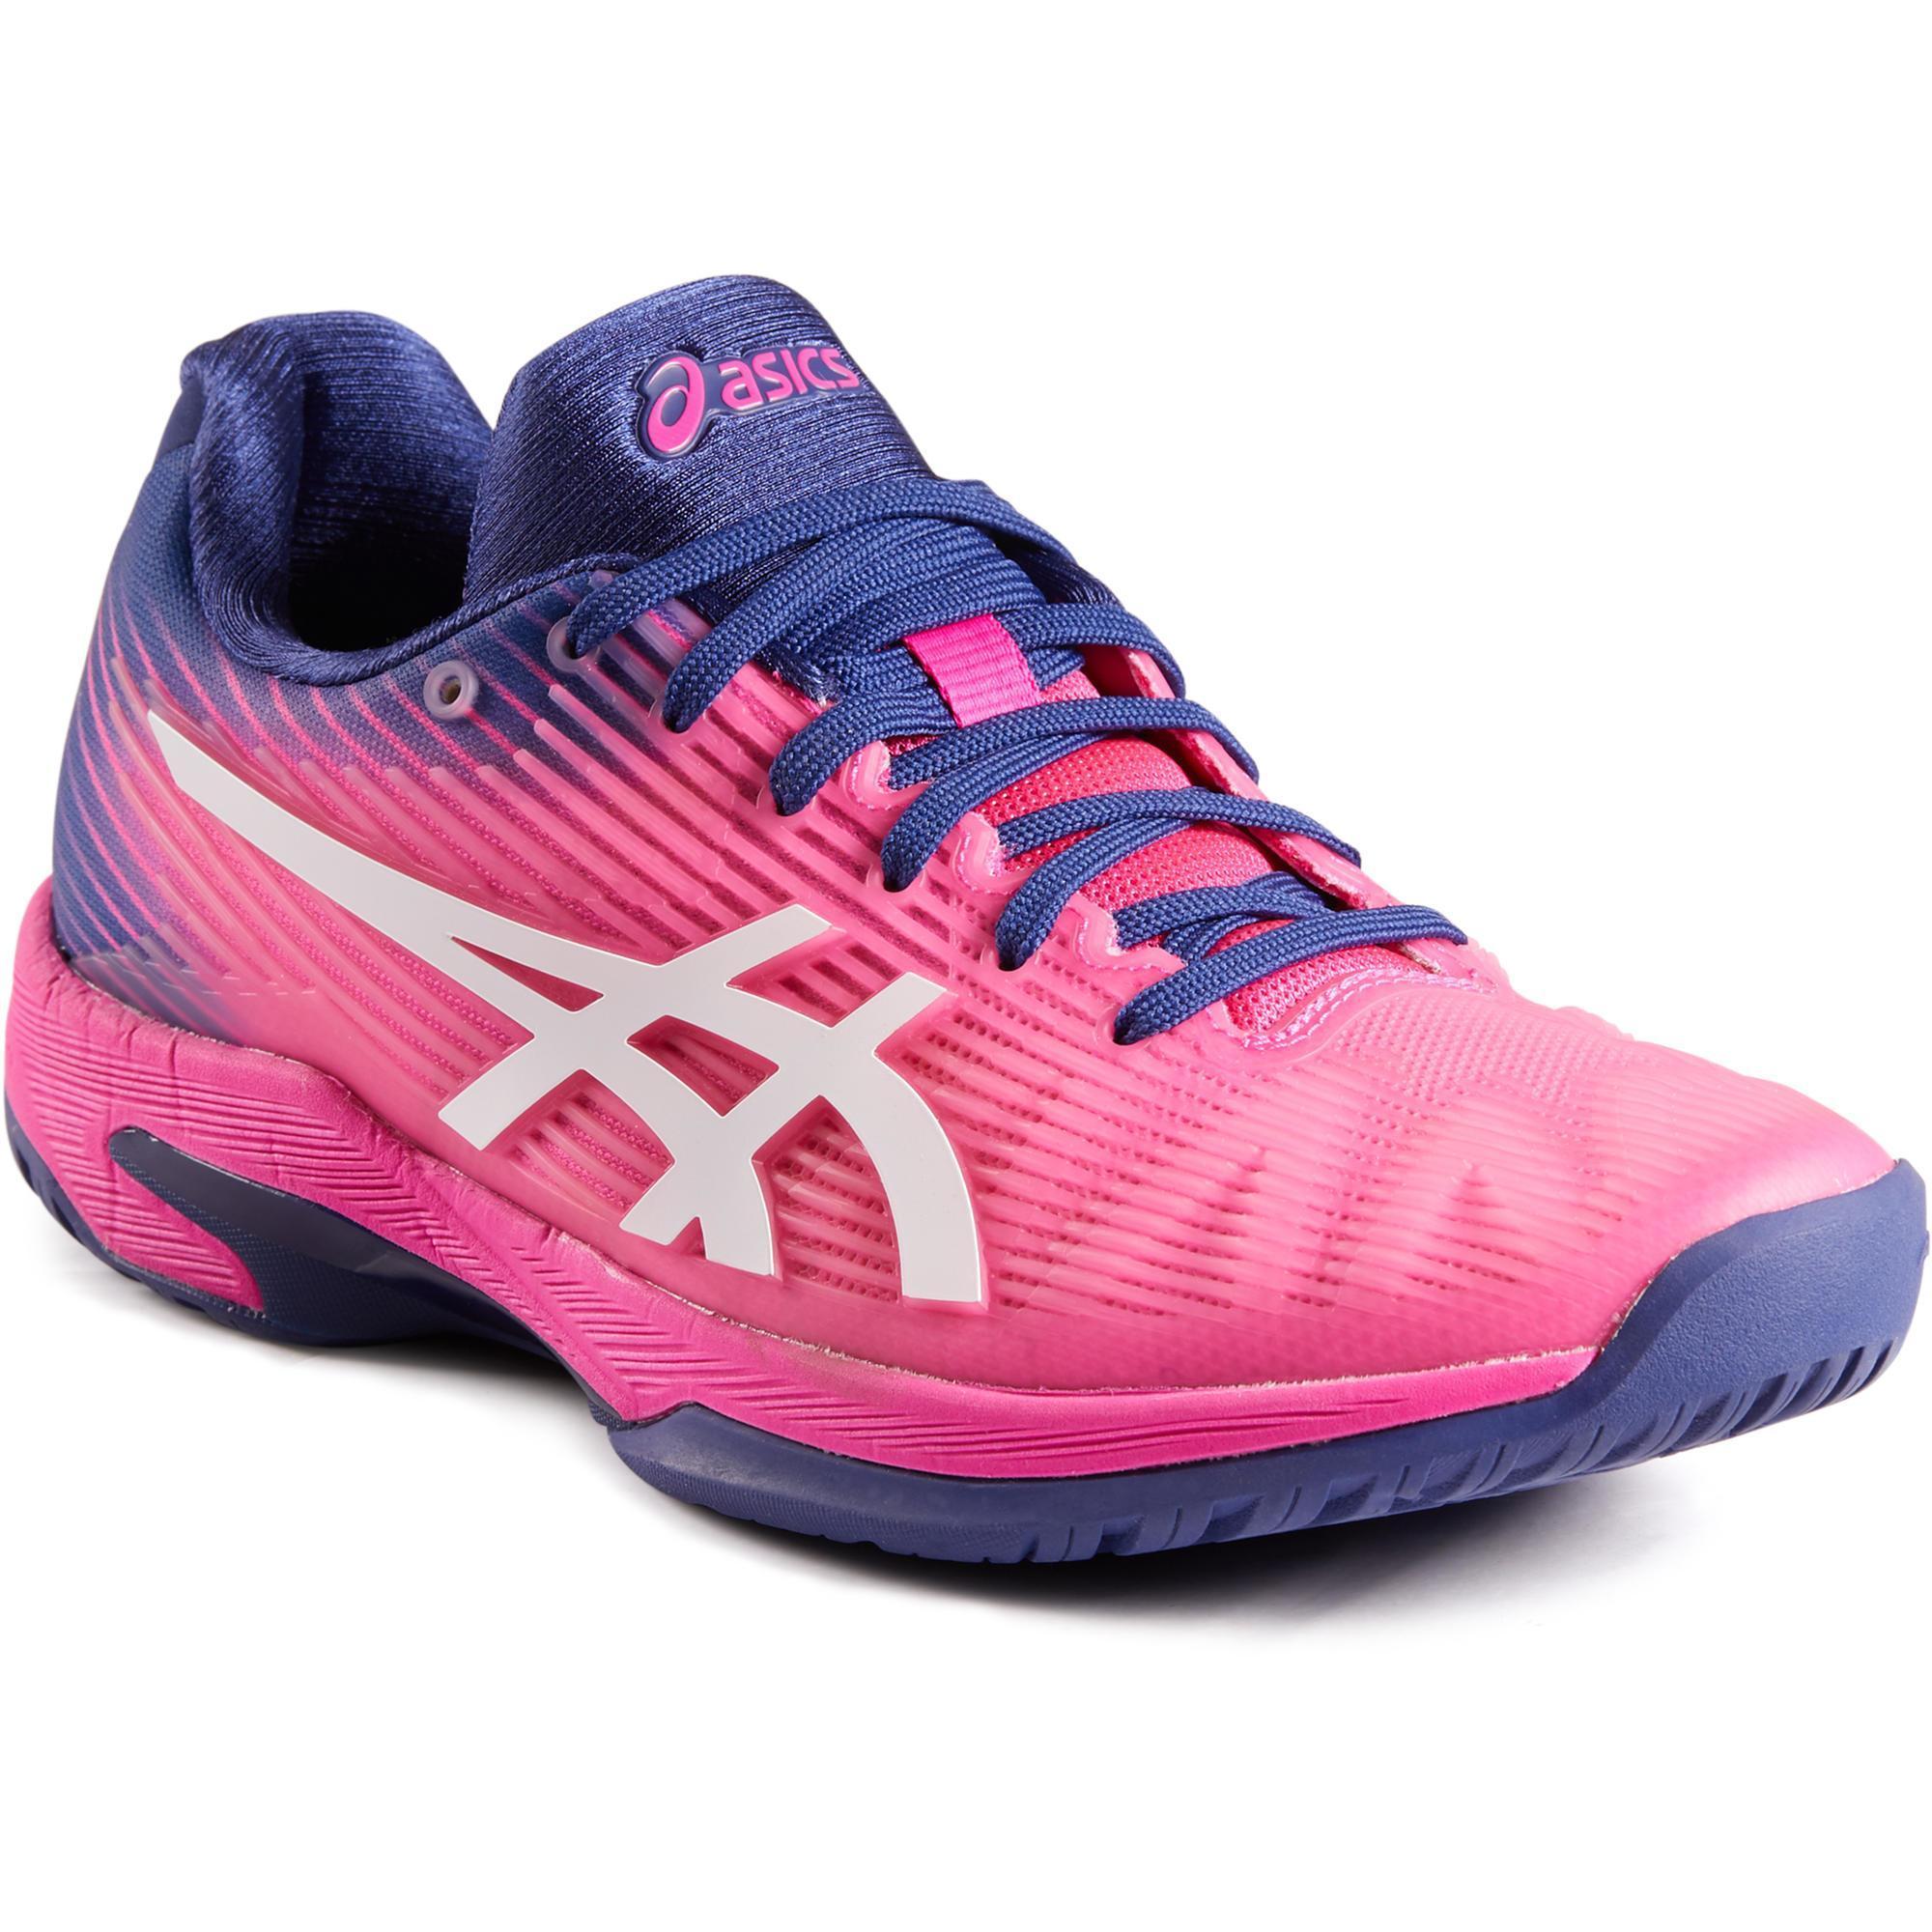 2462046 Asics Tennisschoenen dames Gel Solution Speed Flash roze